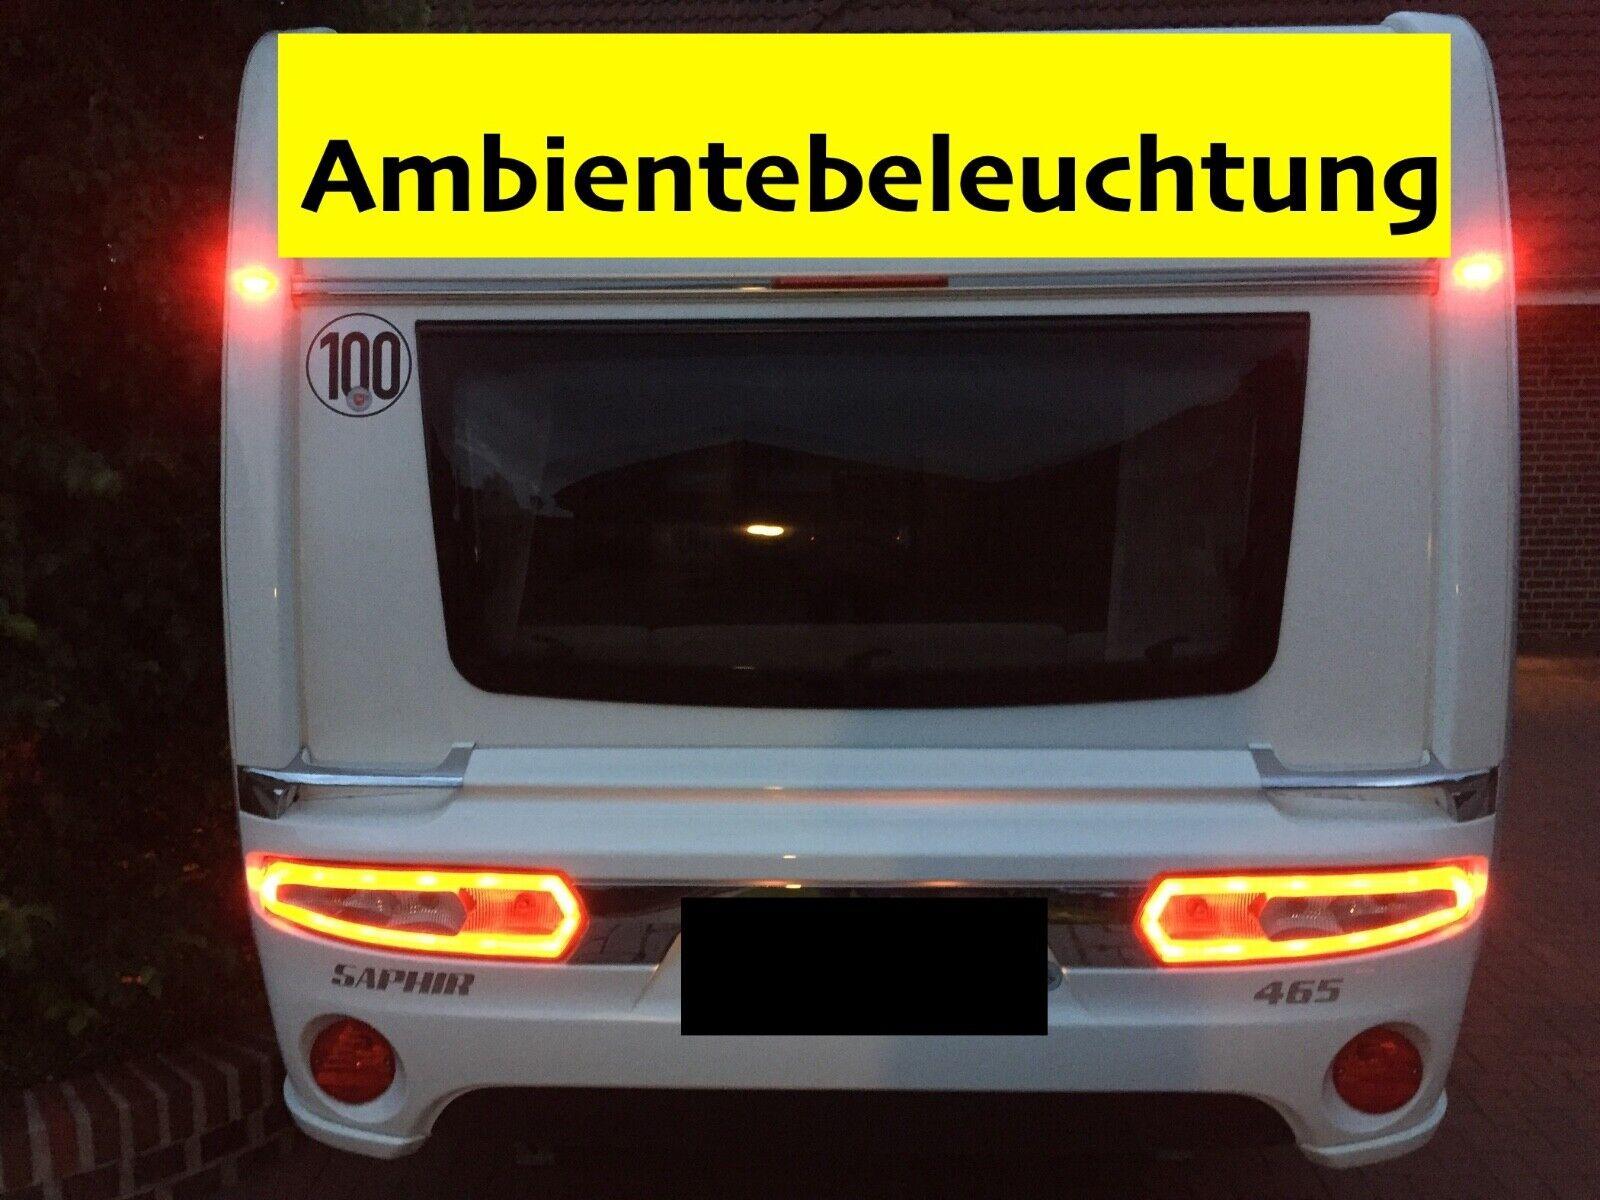 Wohnwagen Zubehör / Adapter für dimmbares Stand und Begrenzungslicht